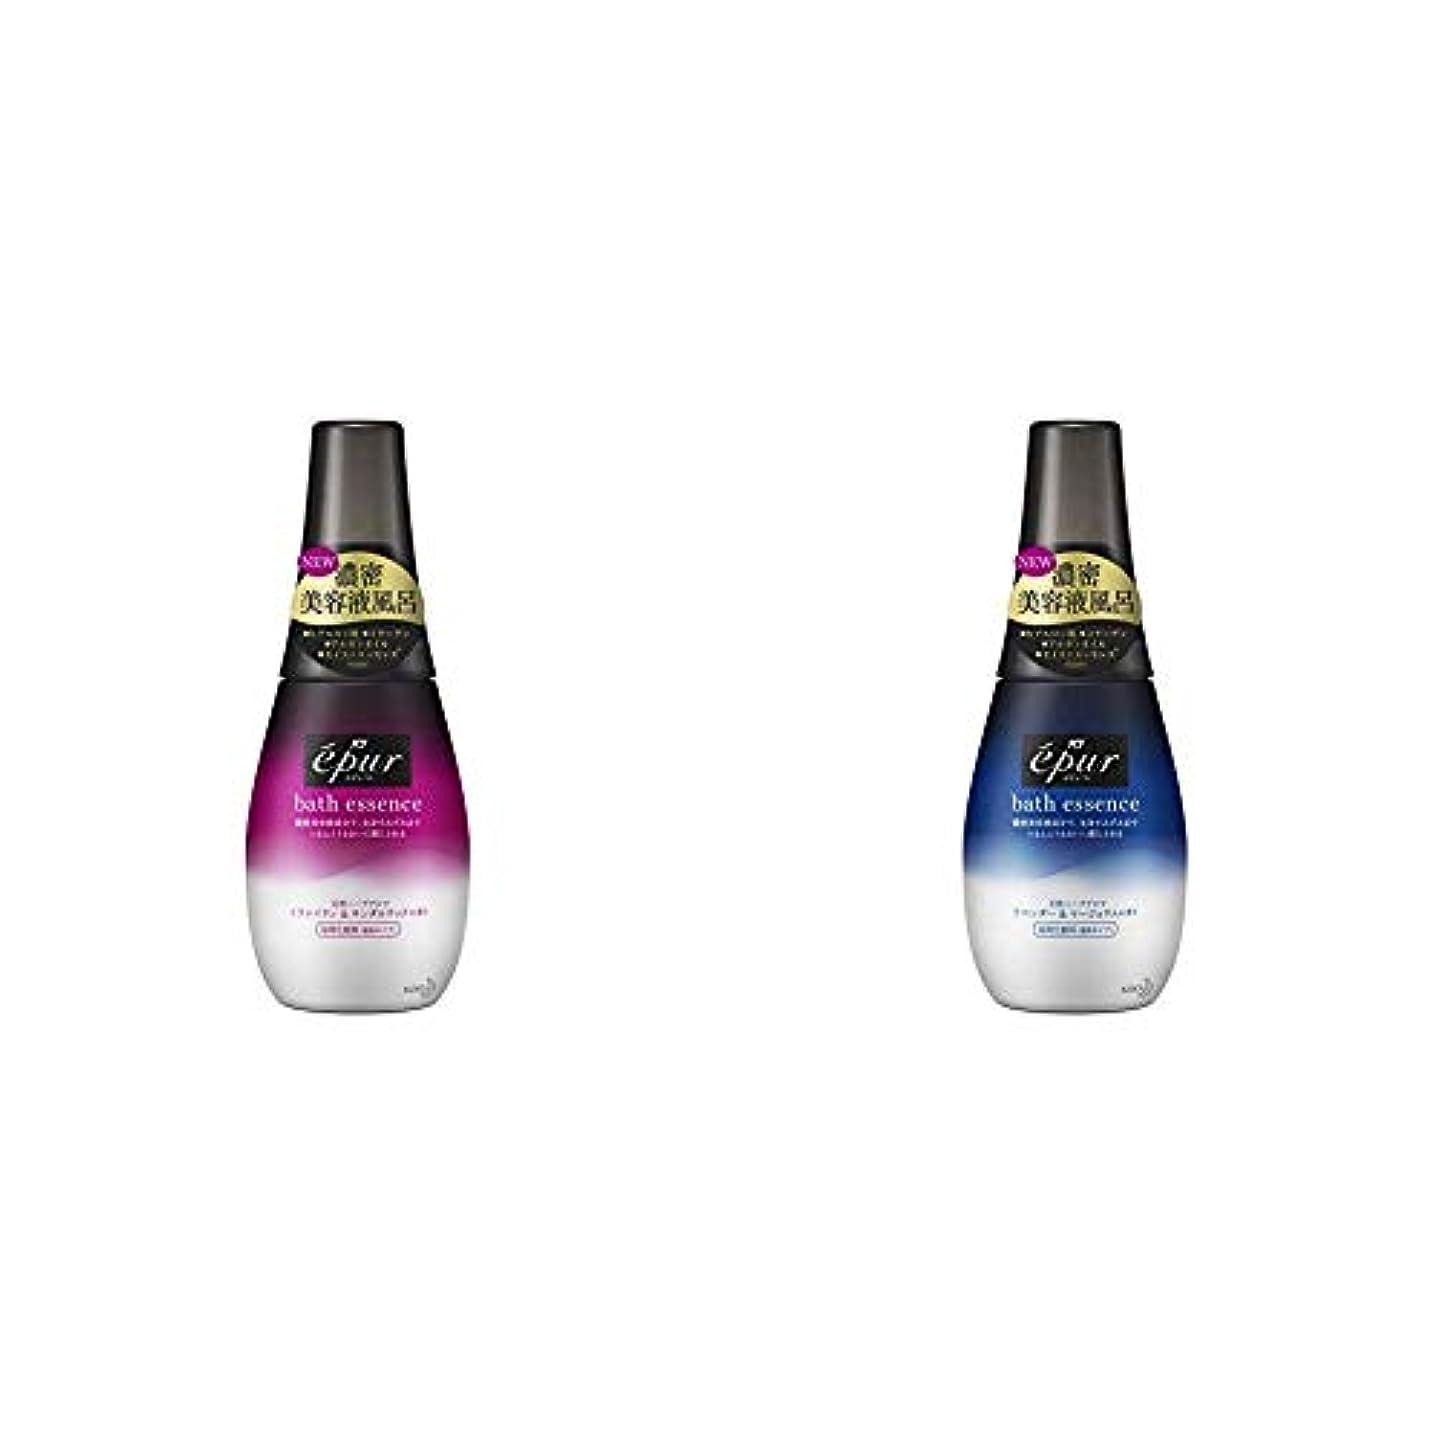 傾向があるカタログ同意するバブ エピュール バスエッセンス イランイラン&サンダルウッドの香り 280ml 液体 美容液 保湿 入浴剤 & エピュール バスエッセンス ラベンダー&マージョラムの香り 280ml 液体 美容液 保湿 入浴剤